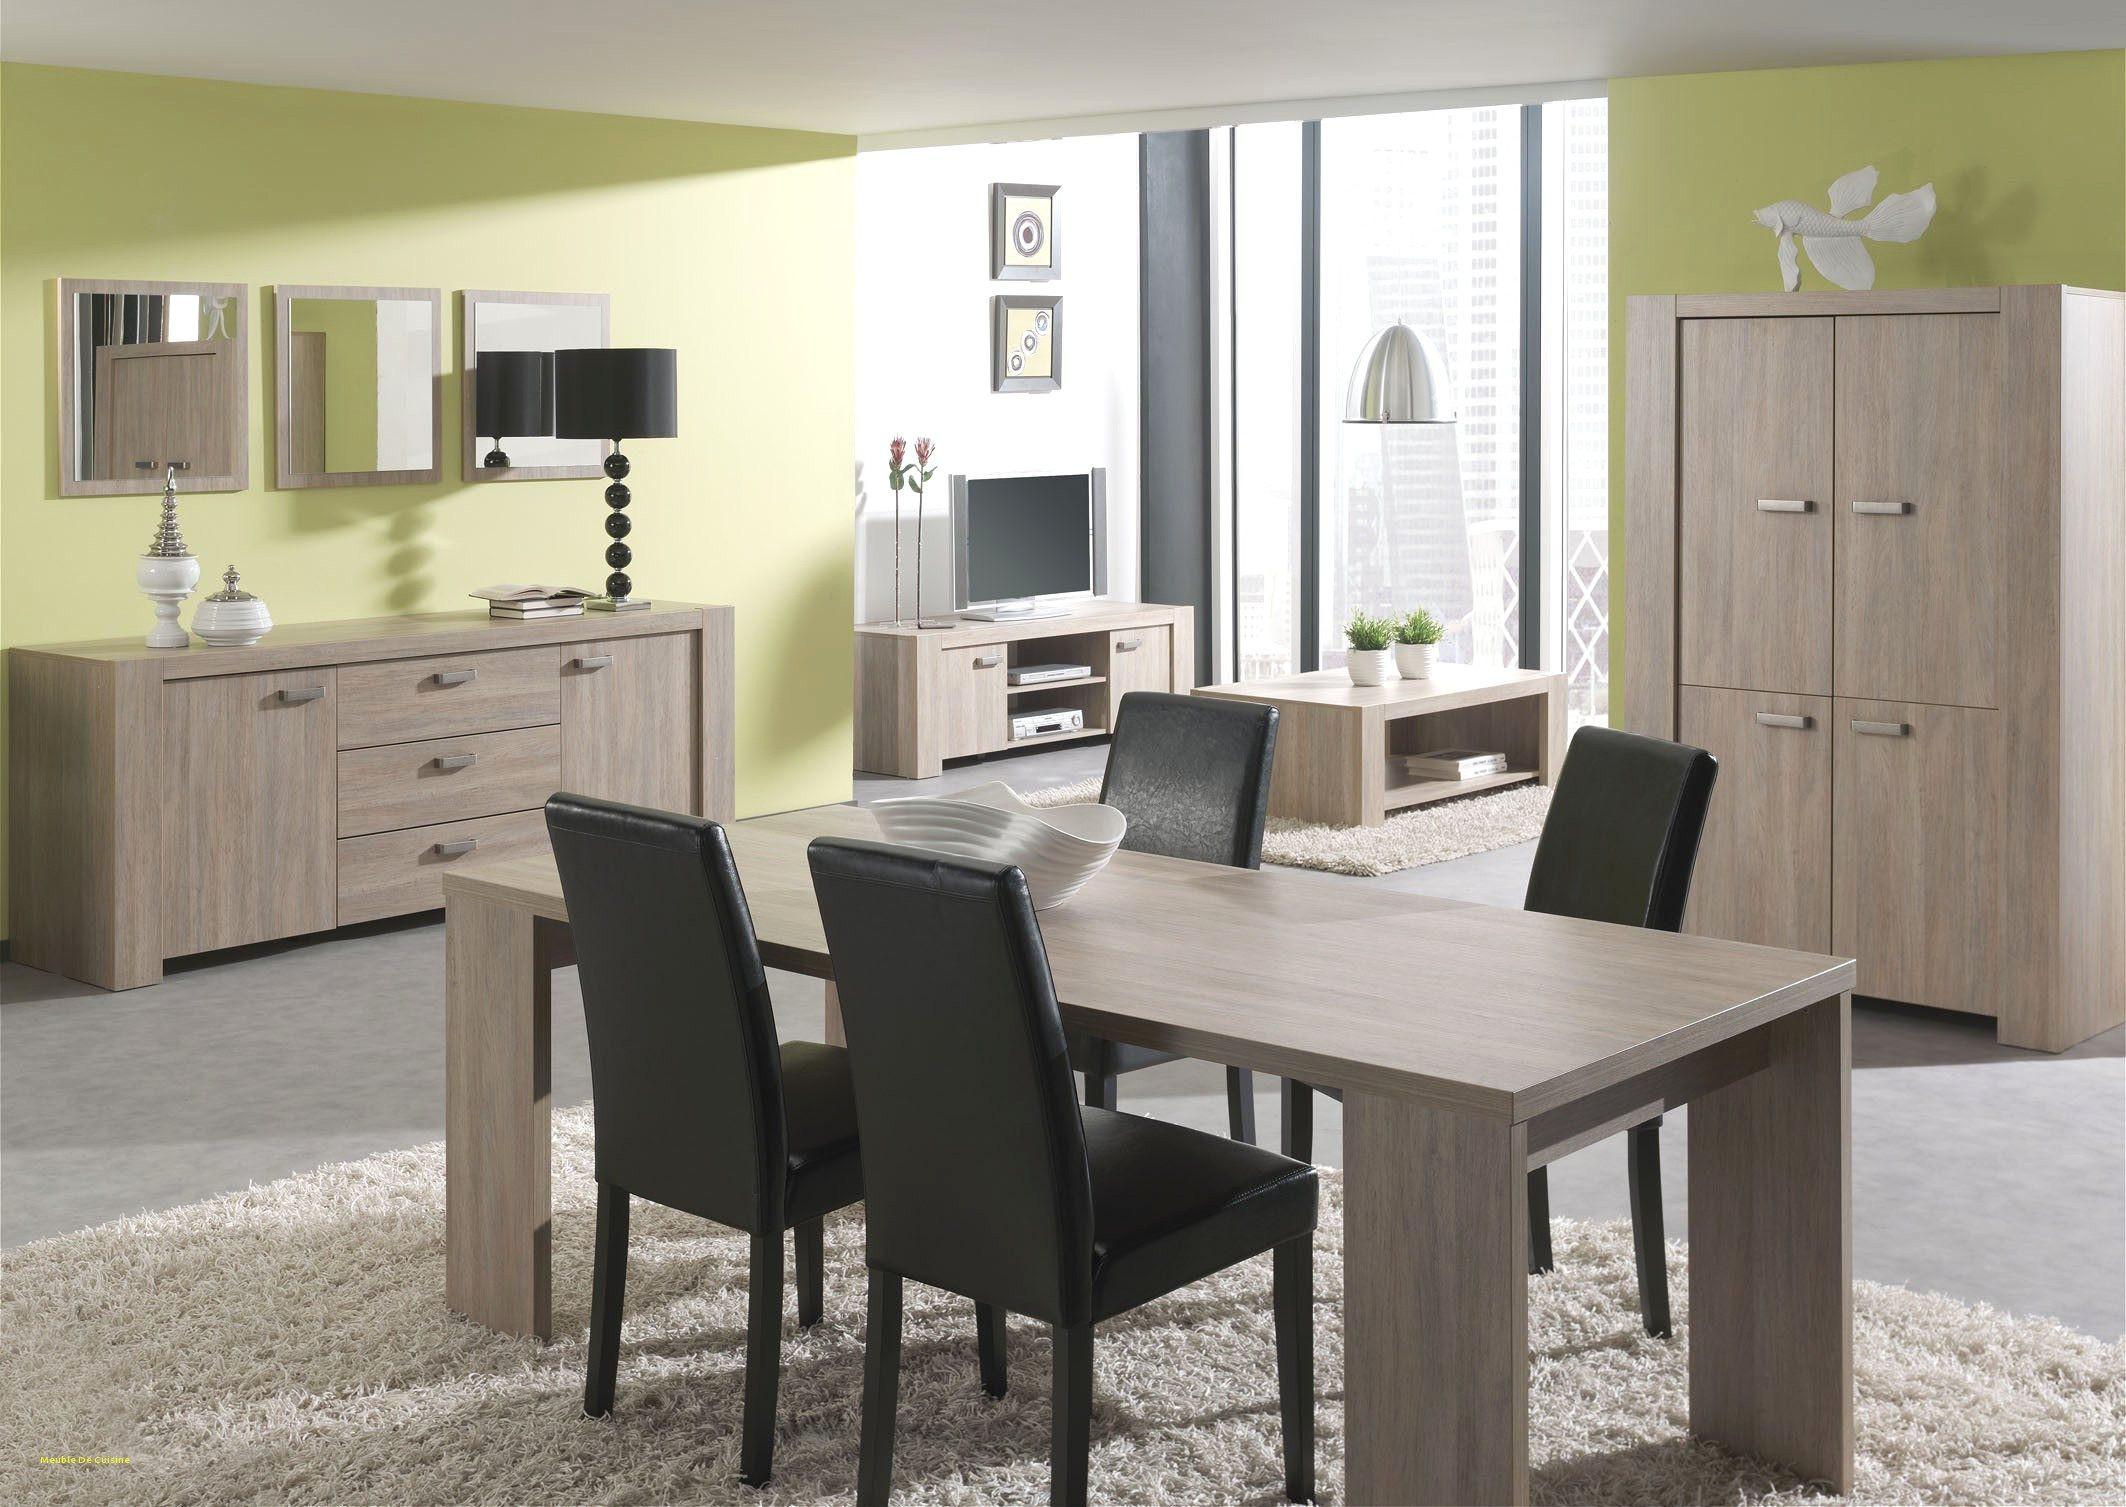 meuble de sejour meuble led conforama buffet bas salon beau rangement sejour luxe of meuble de sejour